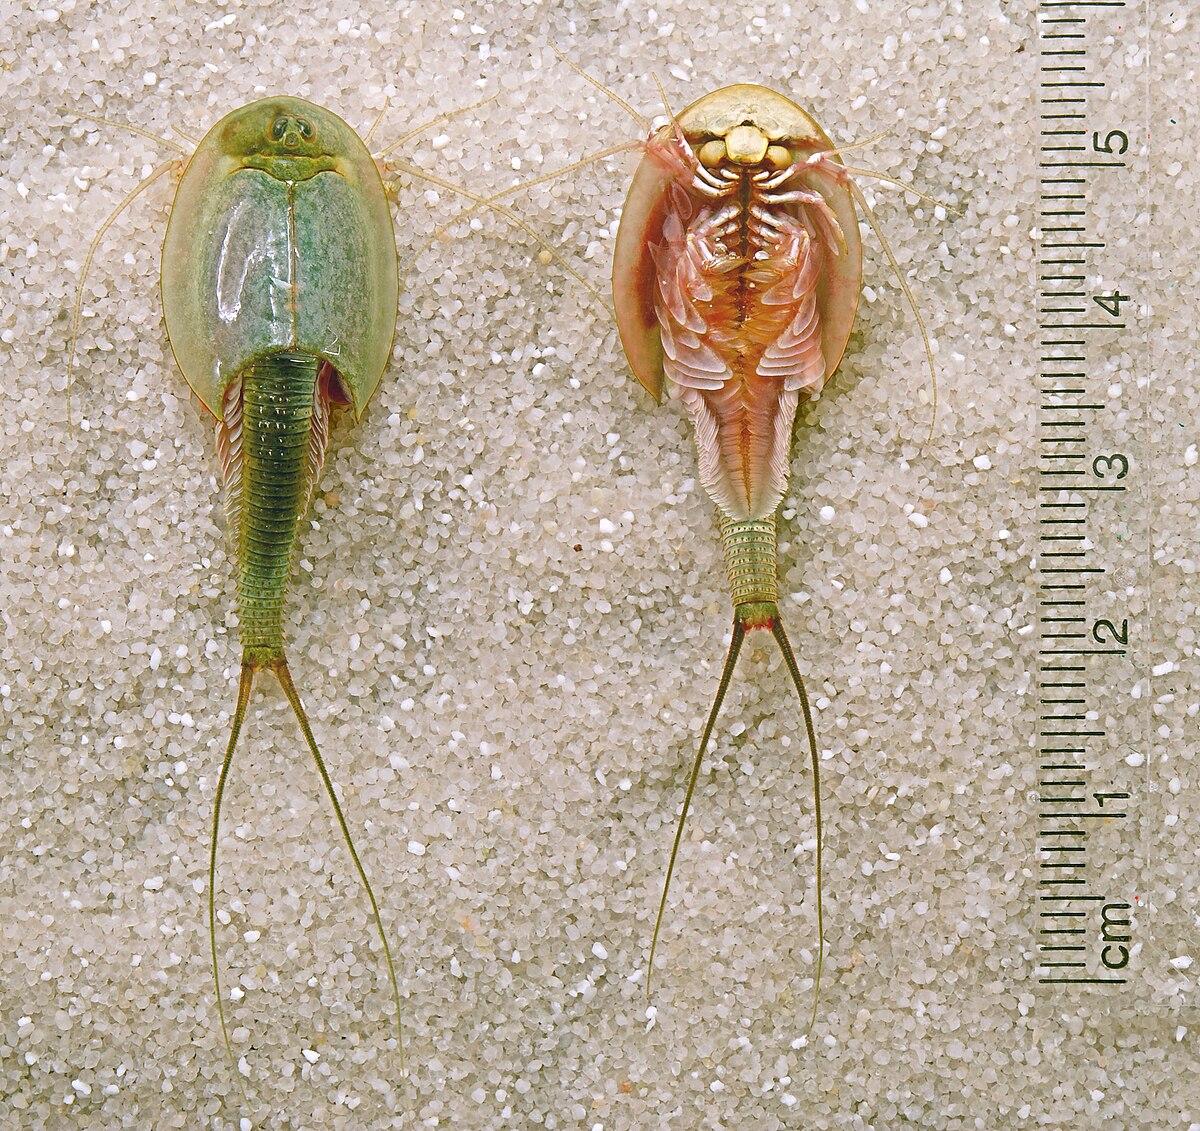 Triops longicaudatus - Wikipedia